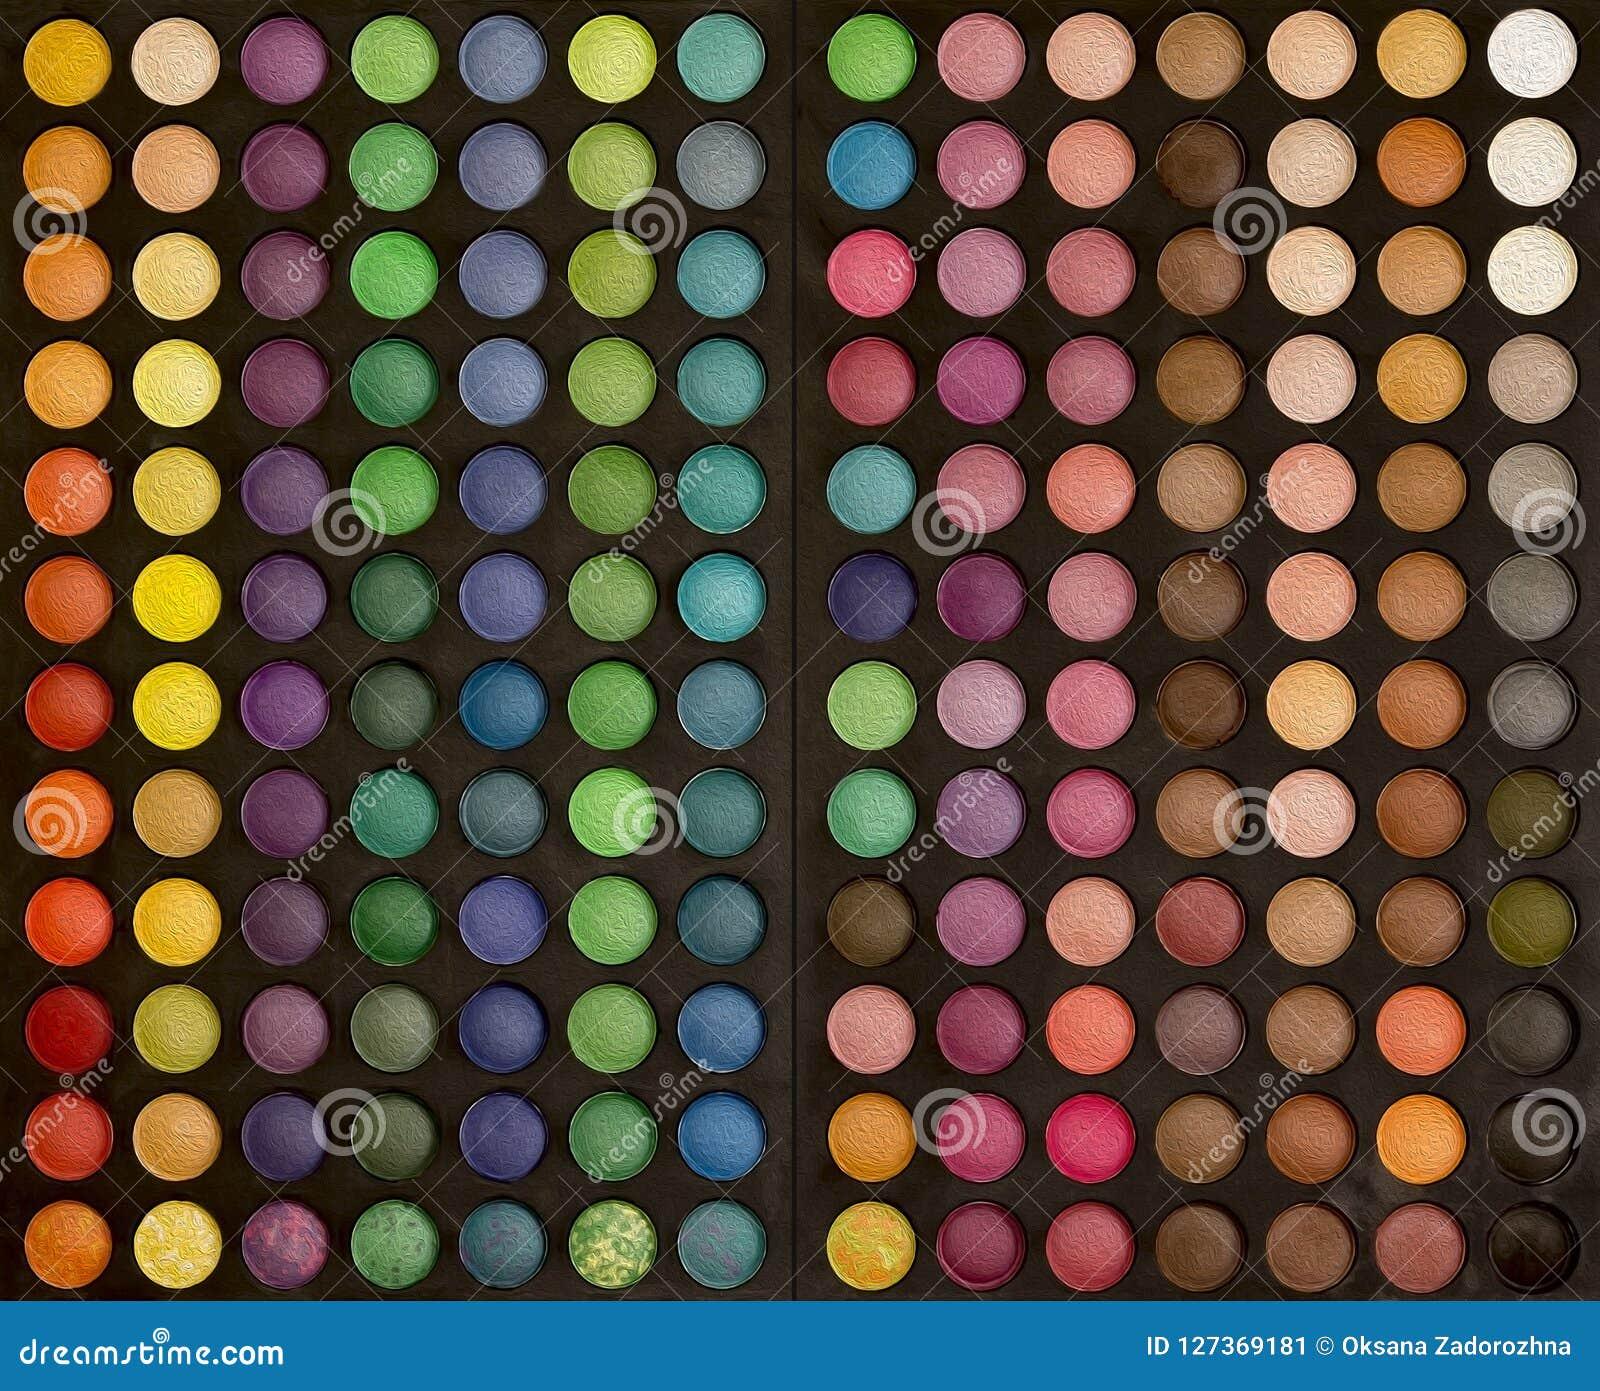 Grupo colorido da composição de fundo das sombras para os olhos